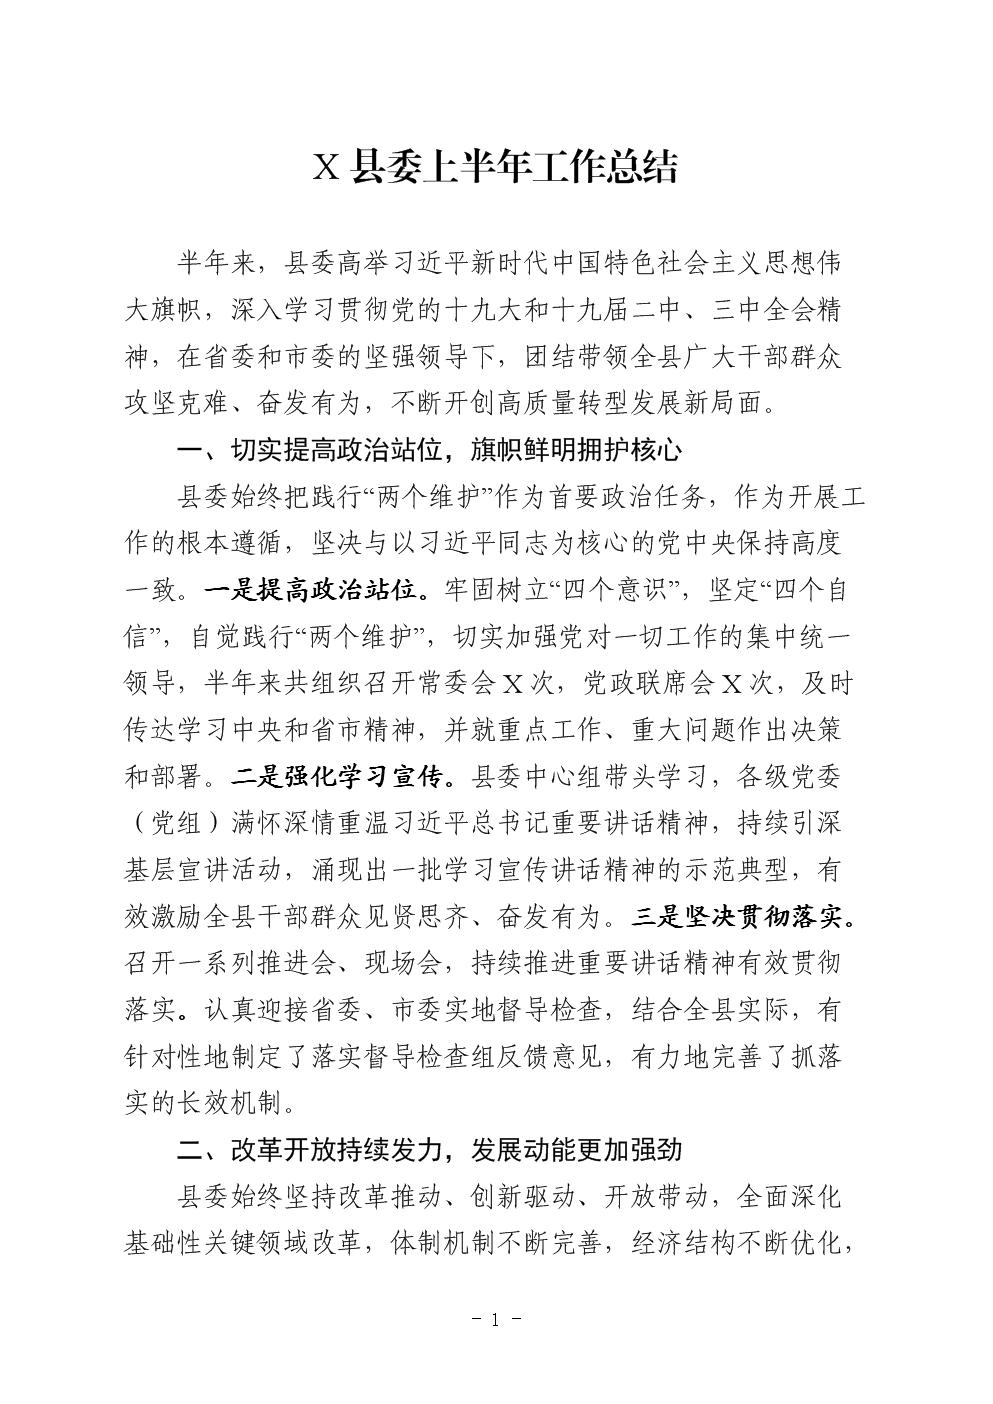 2019年上半年XX县委工作总结.docx